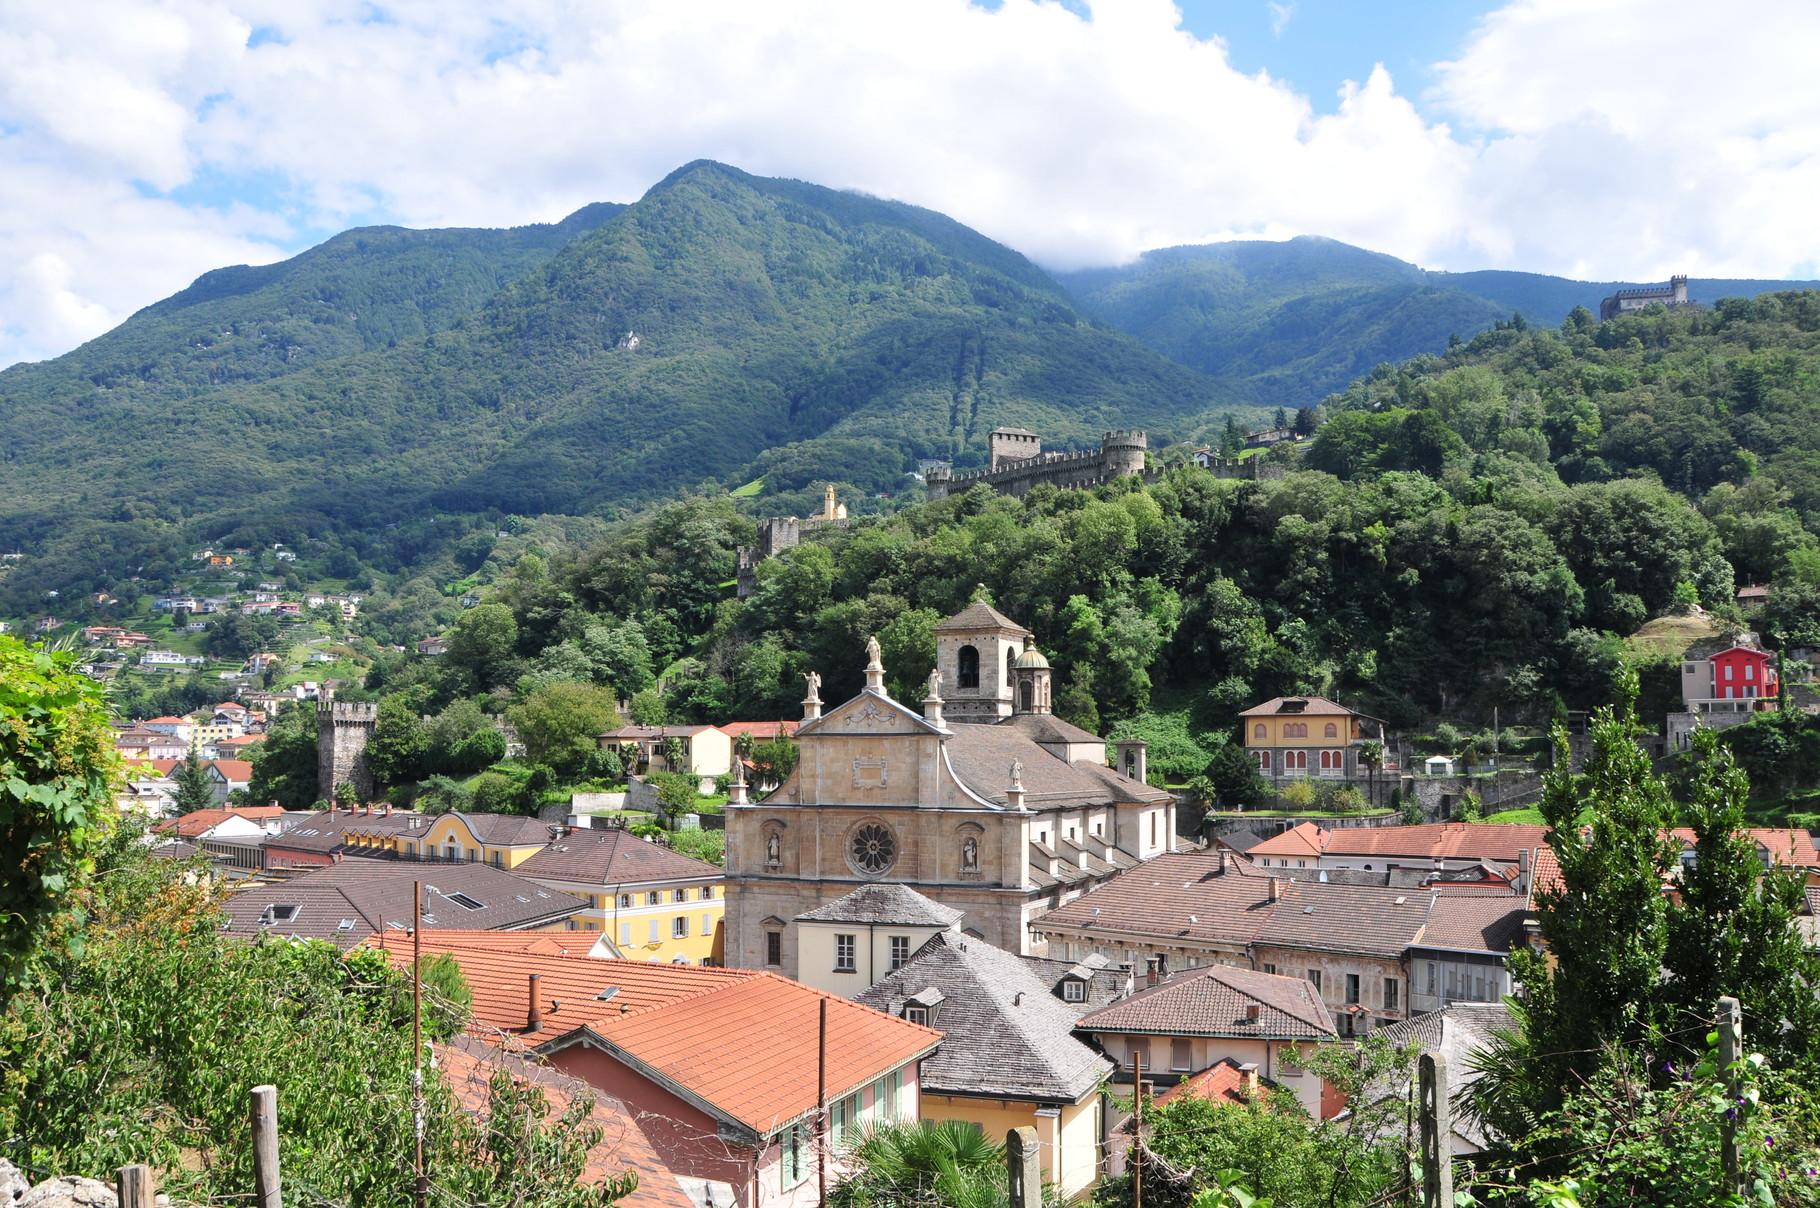 Vom Castelgrande mit Blick auf Montebello und Sasso Corbaro